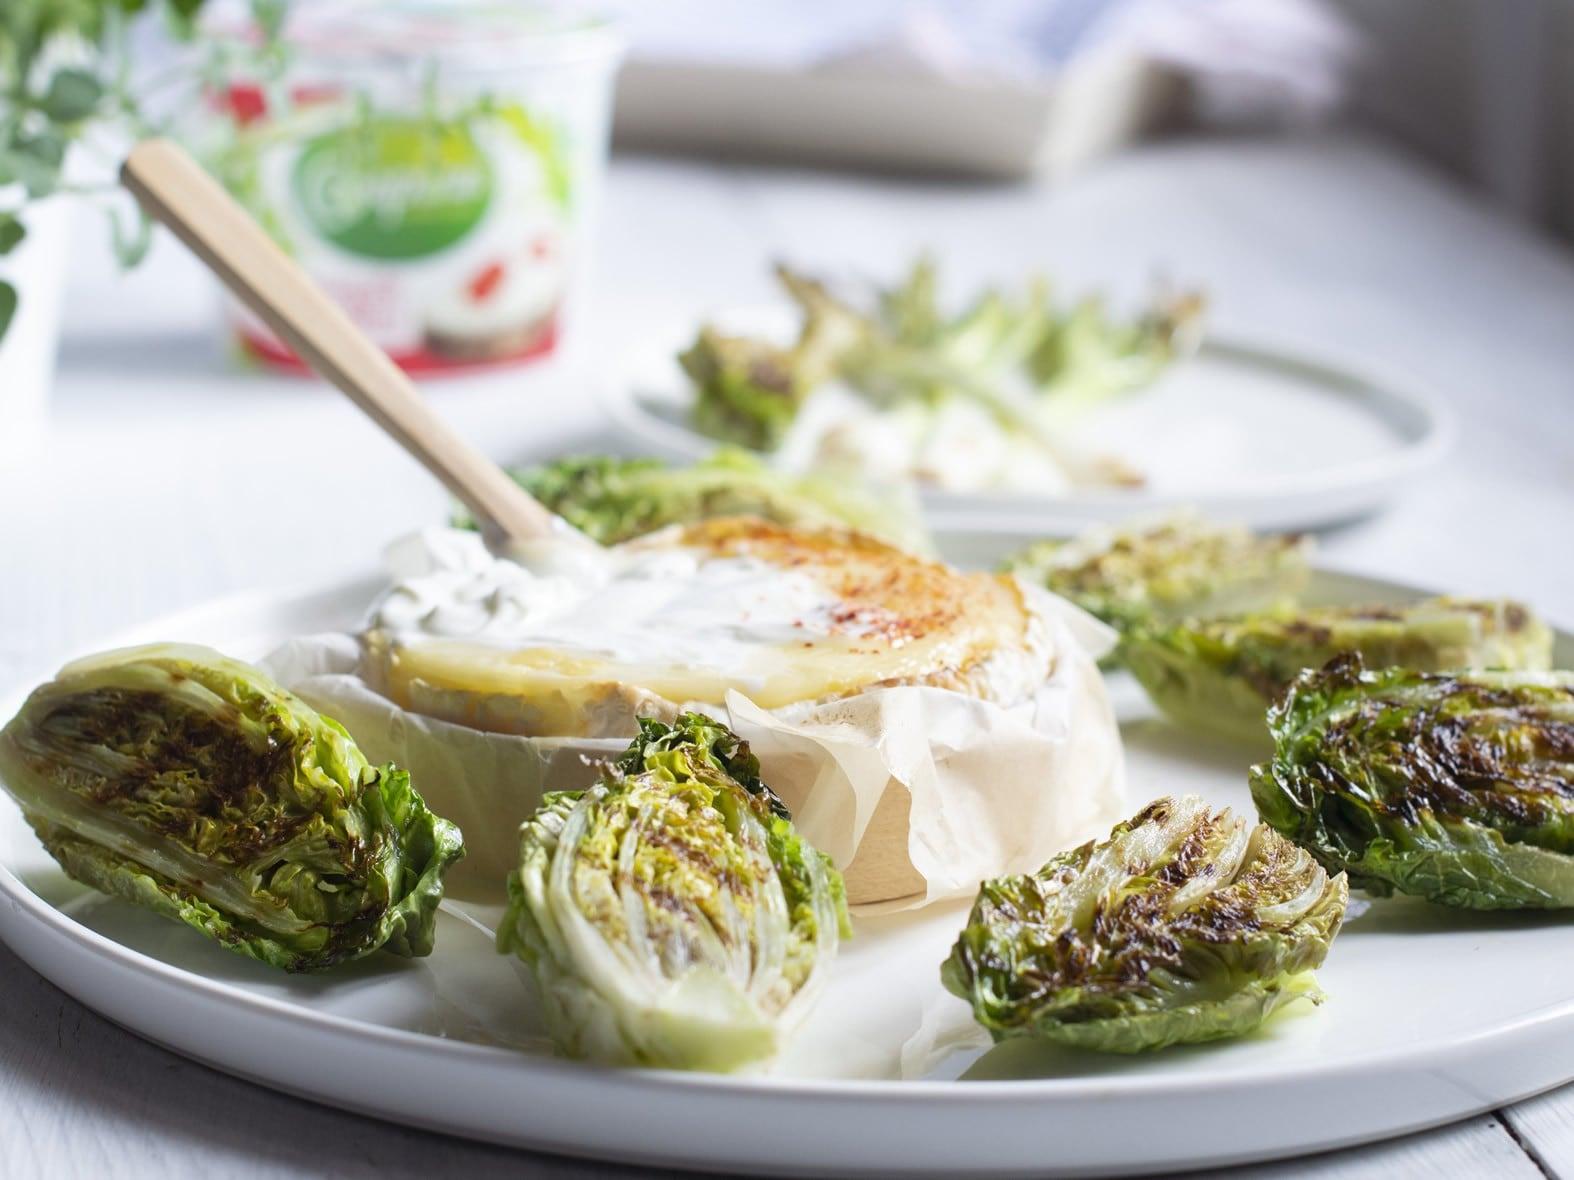 Cœurs de salade grillés à tremper dans une fondue à la maquée